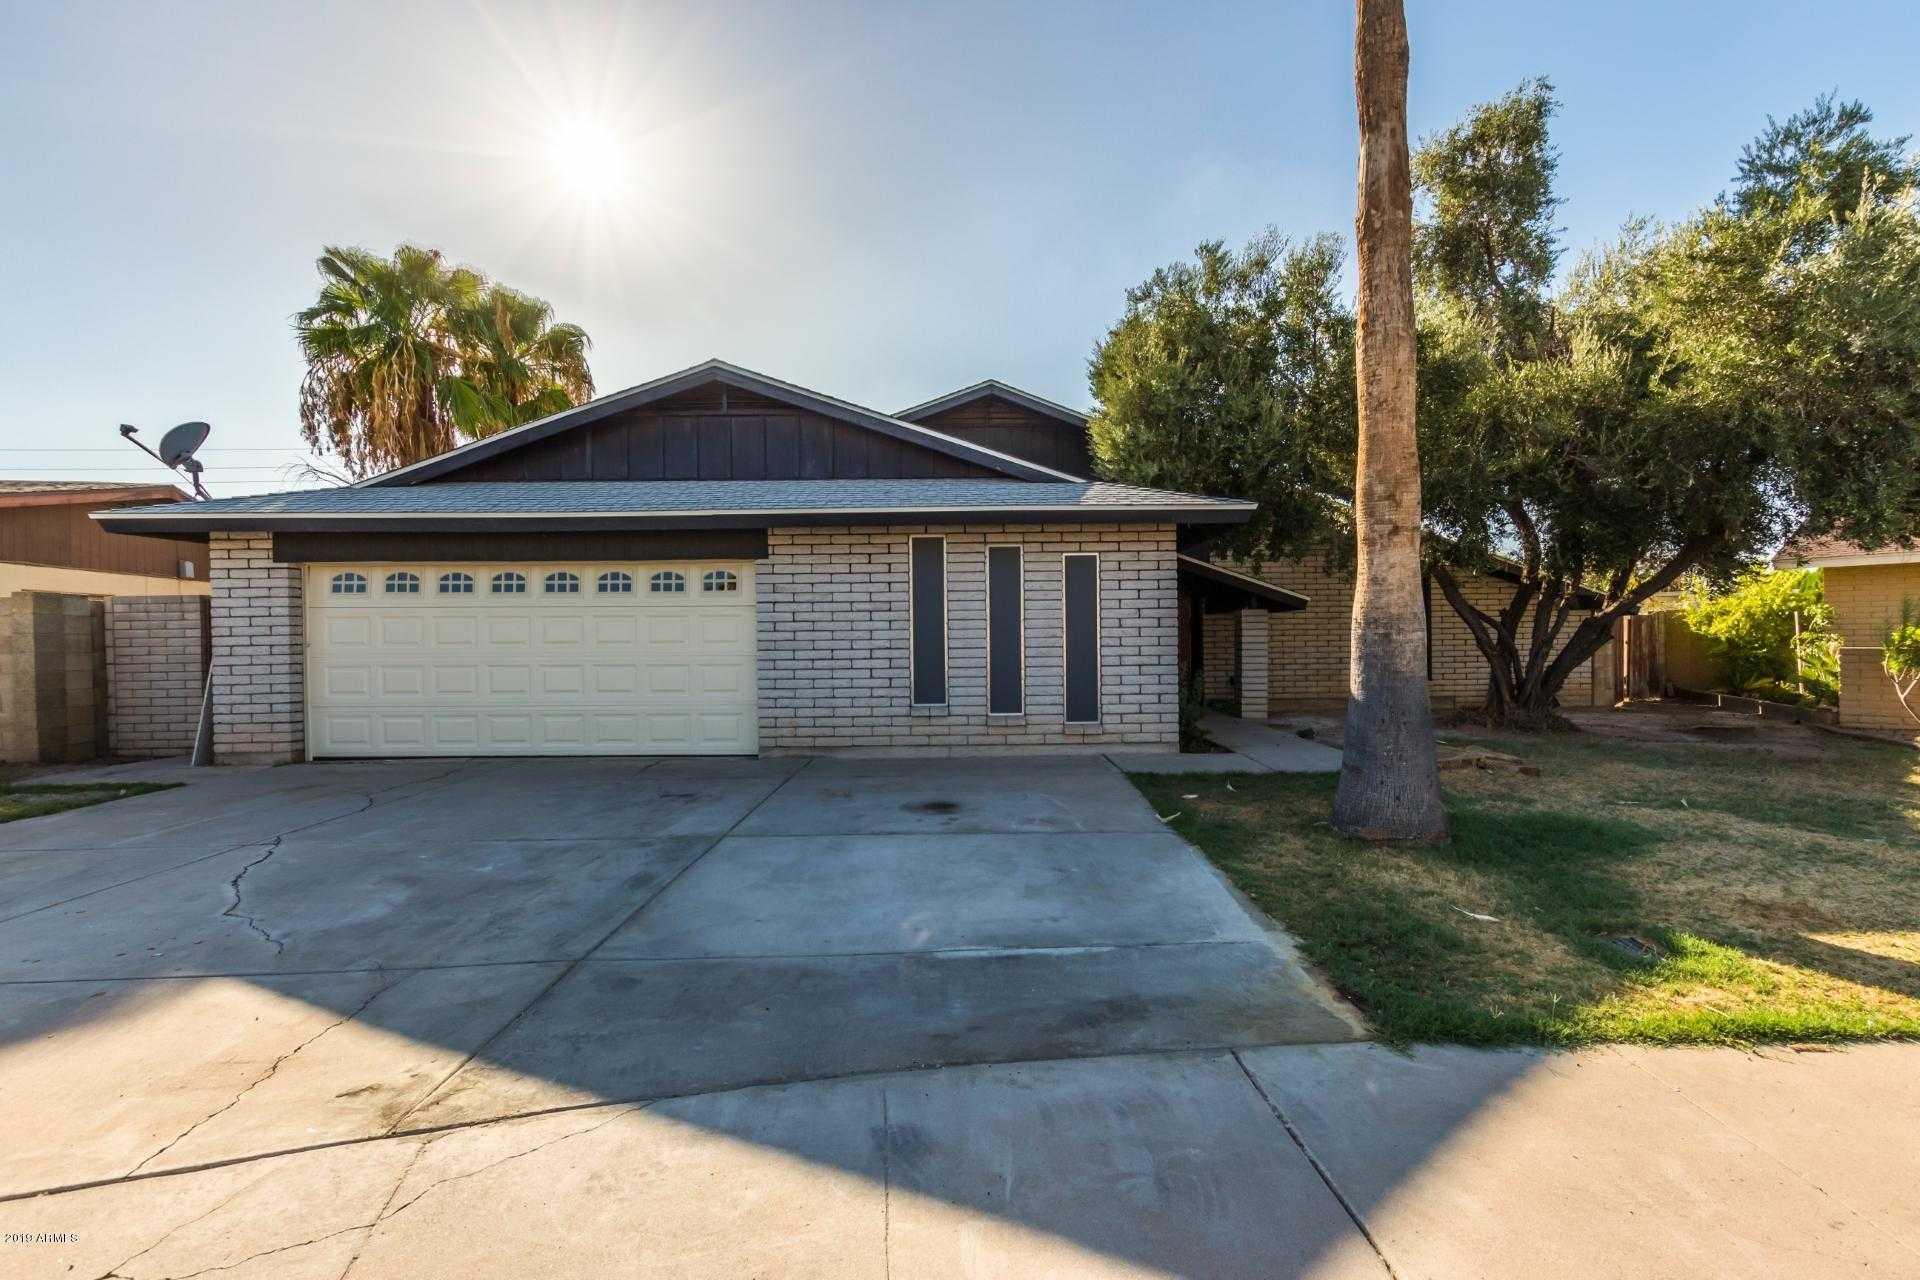 $324,900 - 4Br/2Ba - Home for Sale in Golden Palms Estates 5 Unit 3 Lot 188-321, Glendale